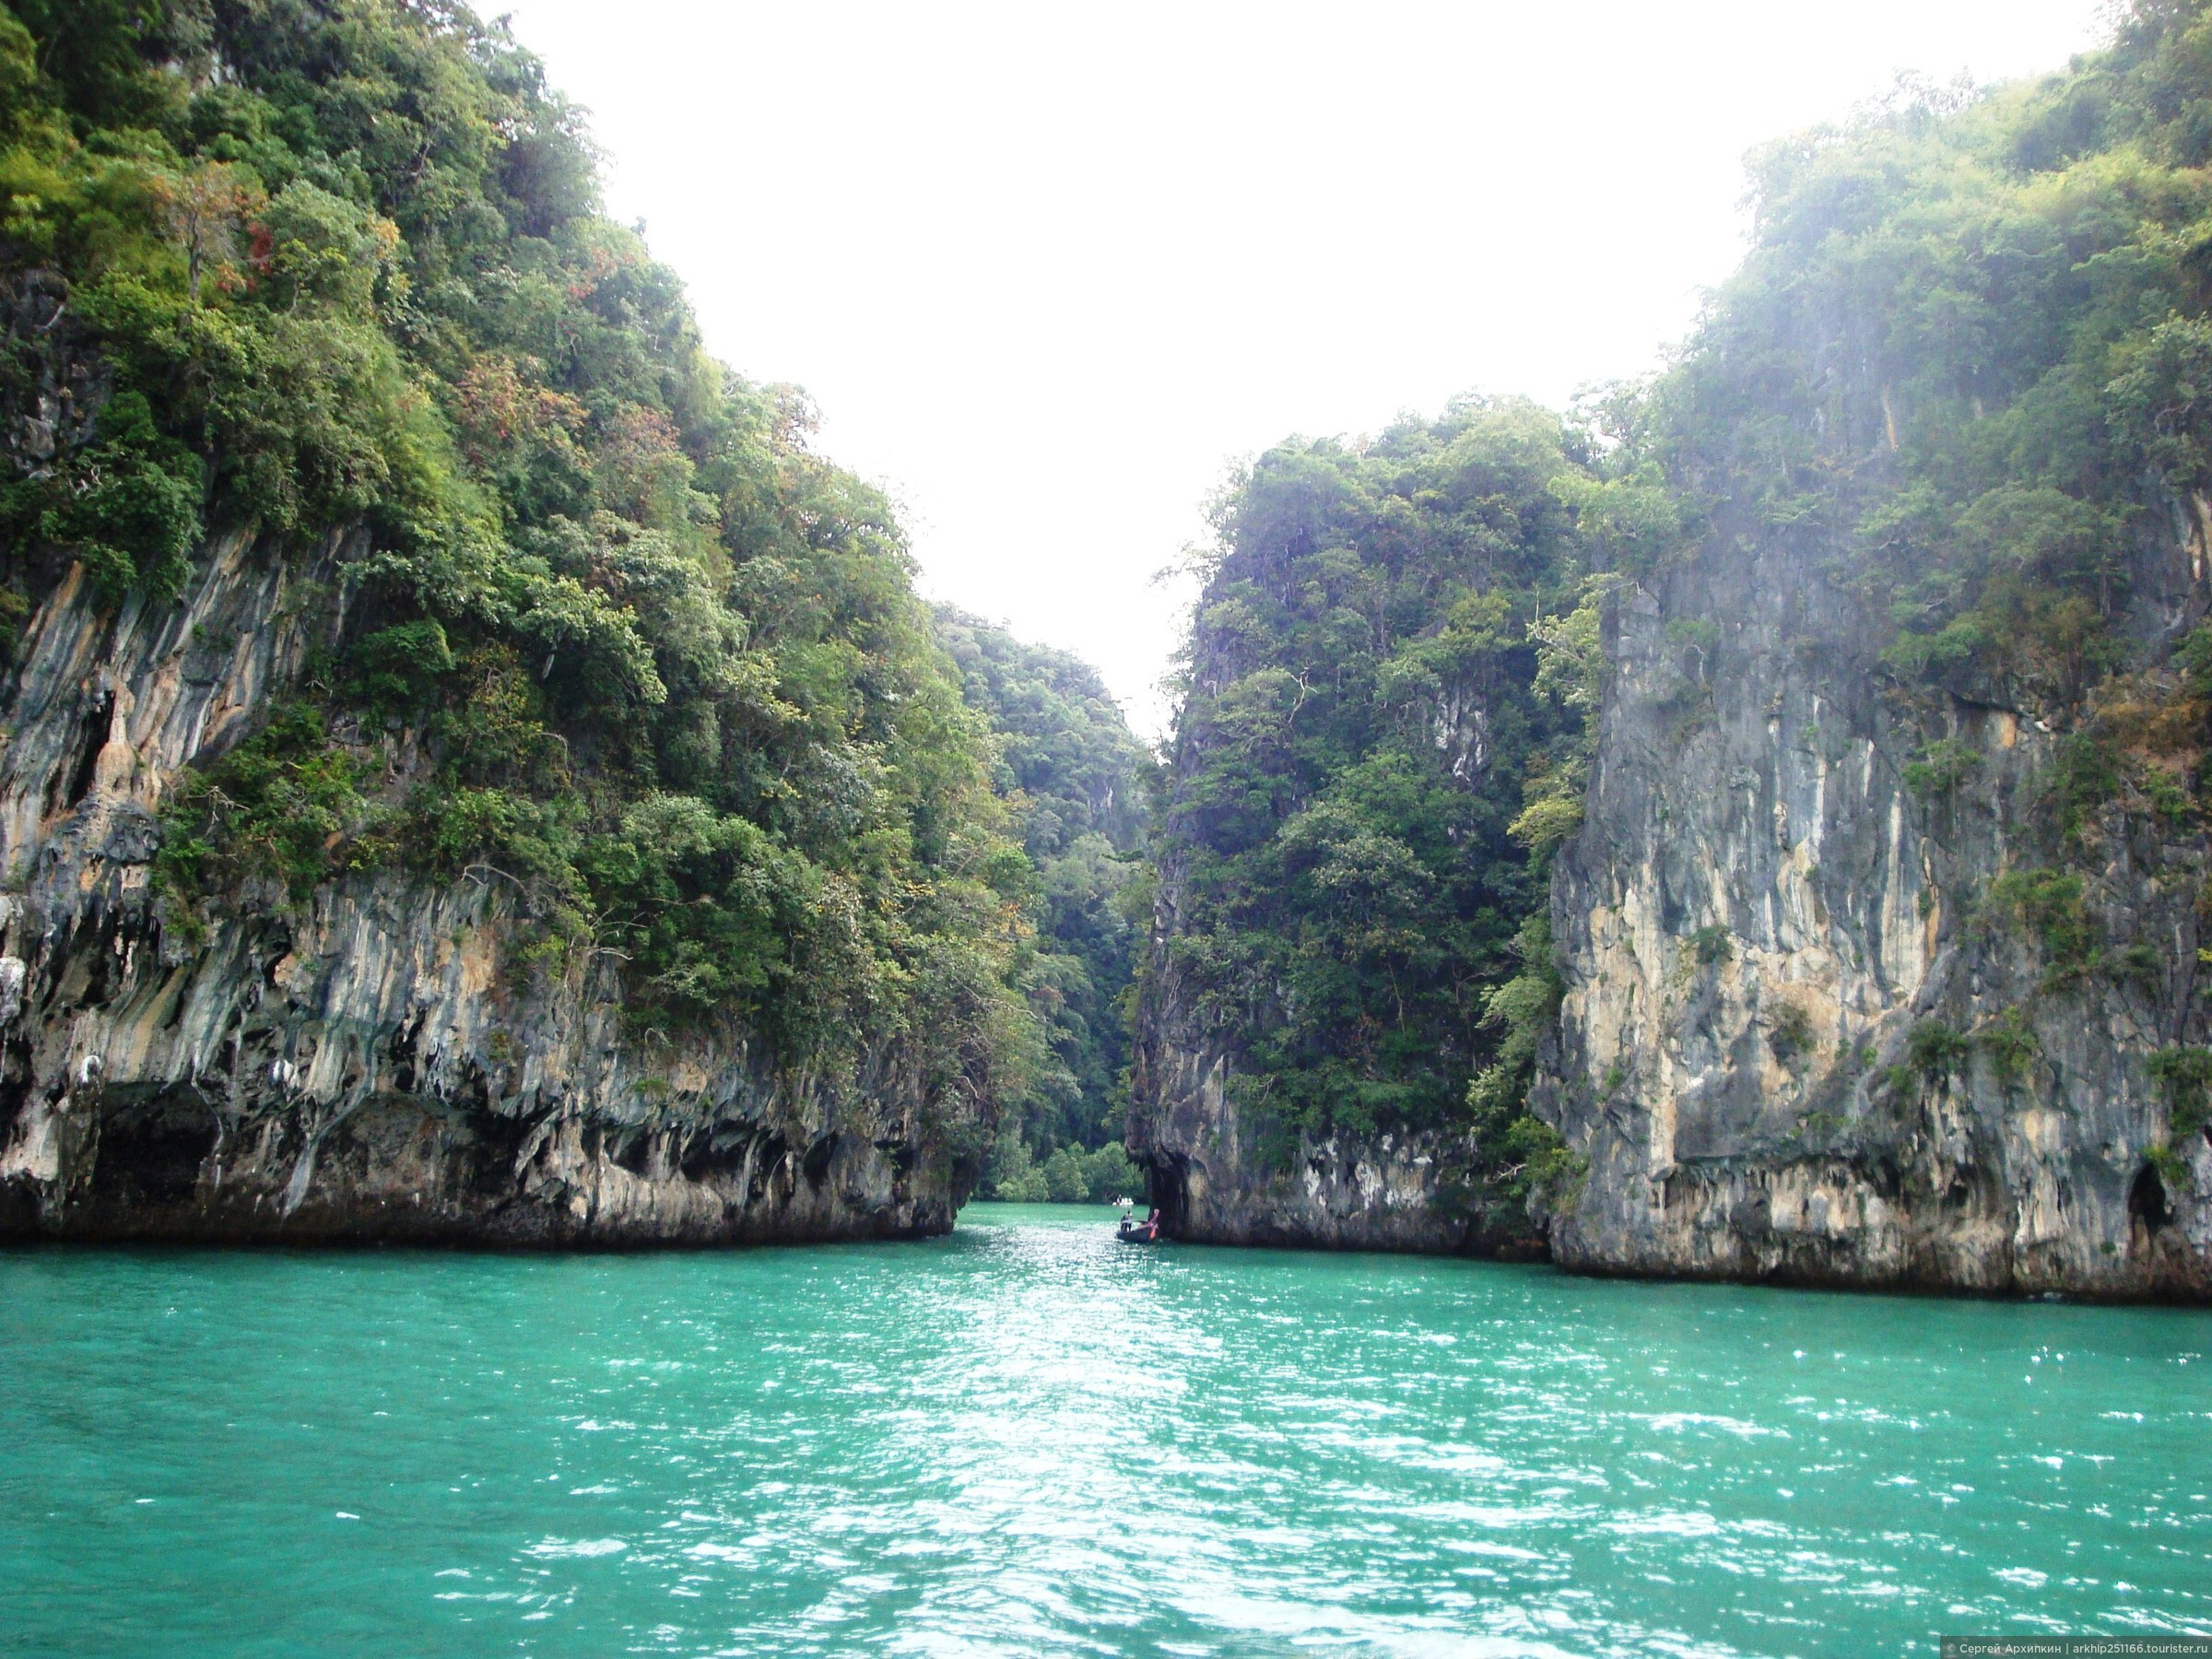 На кораблике по островкам, лагунам и пляжам Андаманского моря в провинции Краби (Таиланд).